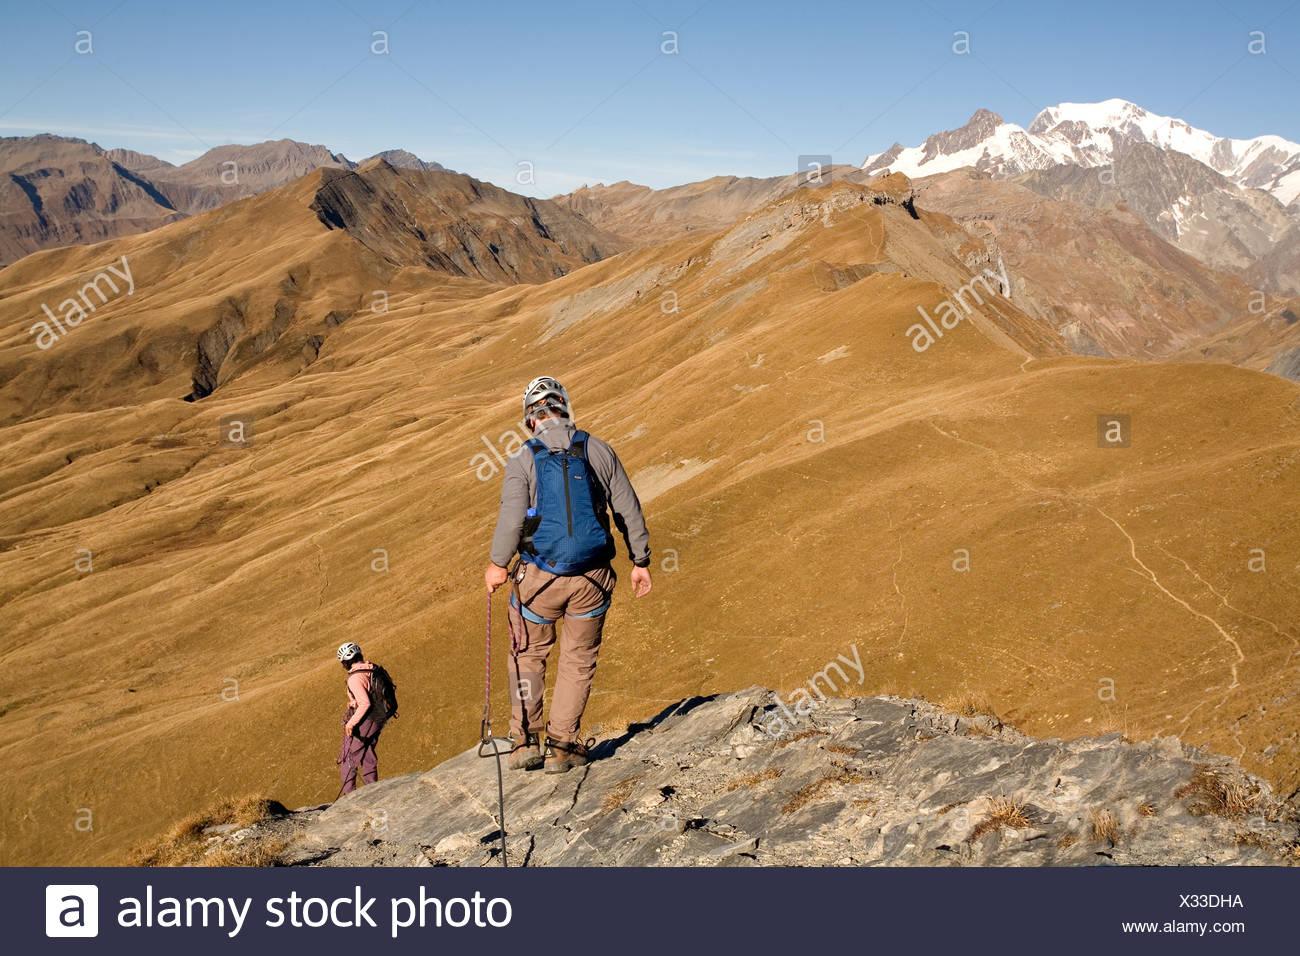 Zwei Personen absteigend von einer Klippe bei der Sport der Via Ferrata in den französischen Alpen. Stockbild